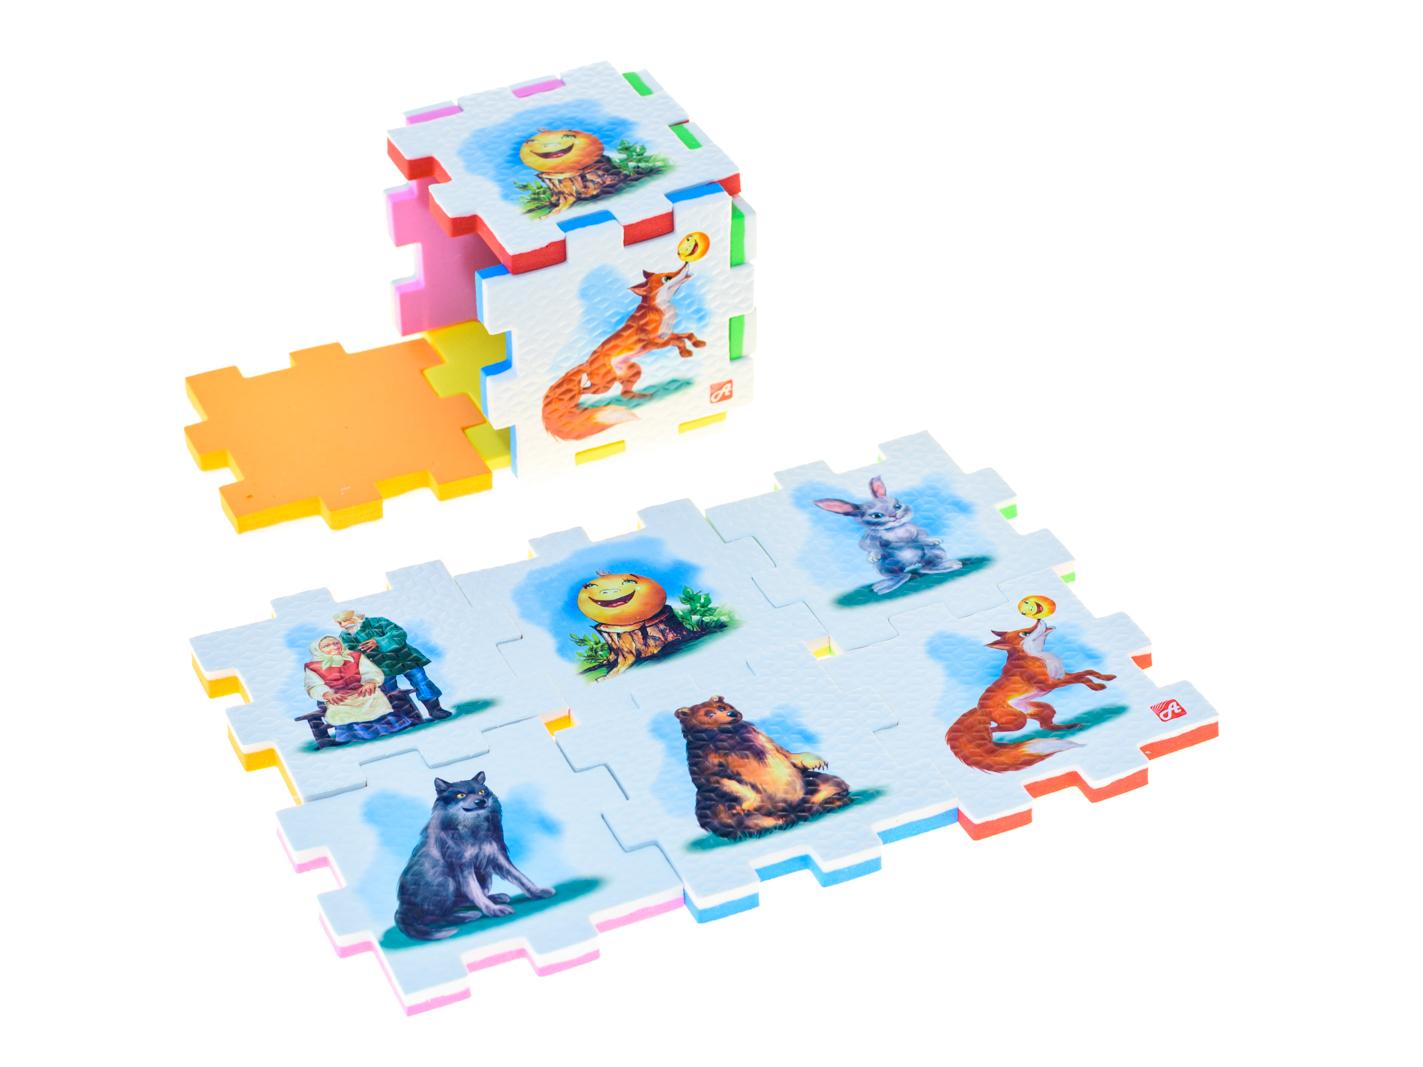 """Пазл для малышей АНДАНТЕ 282351282351Мягкий пазл кубик для малышей Нескучный кубик КОЛОБОК - это развивающее пособие-игрушка, которое призвано в легкой игровой форме помочь ребенку познакомиться с окружающим миром, изучить цвета, формы, развить логическое и ассоциативное мышление.Пазл выполнен из мягкого, прочного, нетоксичного и абсолютно безопасного материала и состоит из 6 пластин, которые составляются в кубик. На одну из сторон каждой пластины нанесен тематический рисунок, вторая – одноцветная.Кубик """"Колобок"""" можно использовать как наглядное пособие для сказочных игр с ребенком, например как демонстрационный материал, выкладывая героев в соответствующей последовательности. В дальнейшем ребенок самостоятельно будет играть с любимыми героями, рассказывать сказки и устраивать представления, развивая воображение и устную речь.Из деталей можно конструировать не только кубик из 6 элементов! Попробуйте использовать несколько кубиков и собрать форму побольше — из 10-12 деталей, либо кубик из 24 элементов, у которого каждая сторона будет состоять из 4-х картинок. Так же можно сложить с ребенком необычный коврик из деталей кубика.Позвольте ребенку поиграть самому — он сможет сконструировать разные формы и фигуры, которые подскажет ему его воображение."""